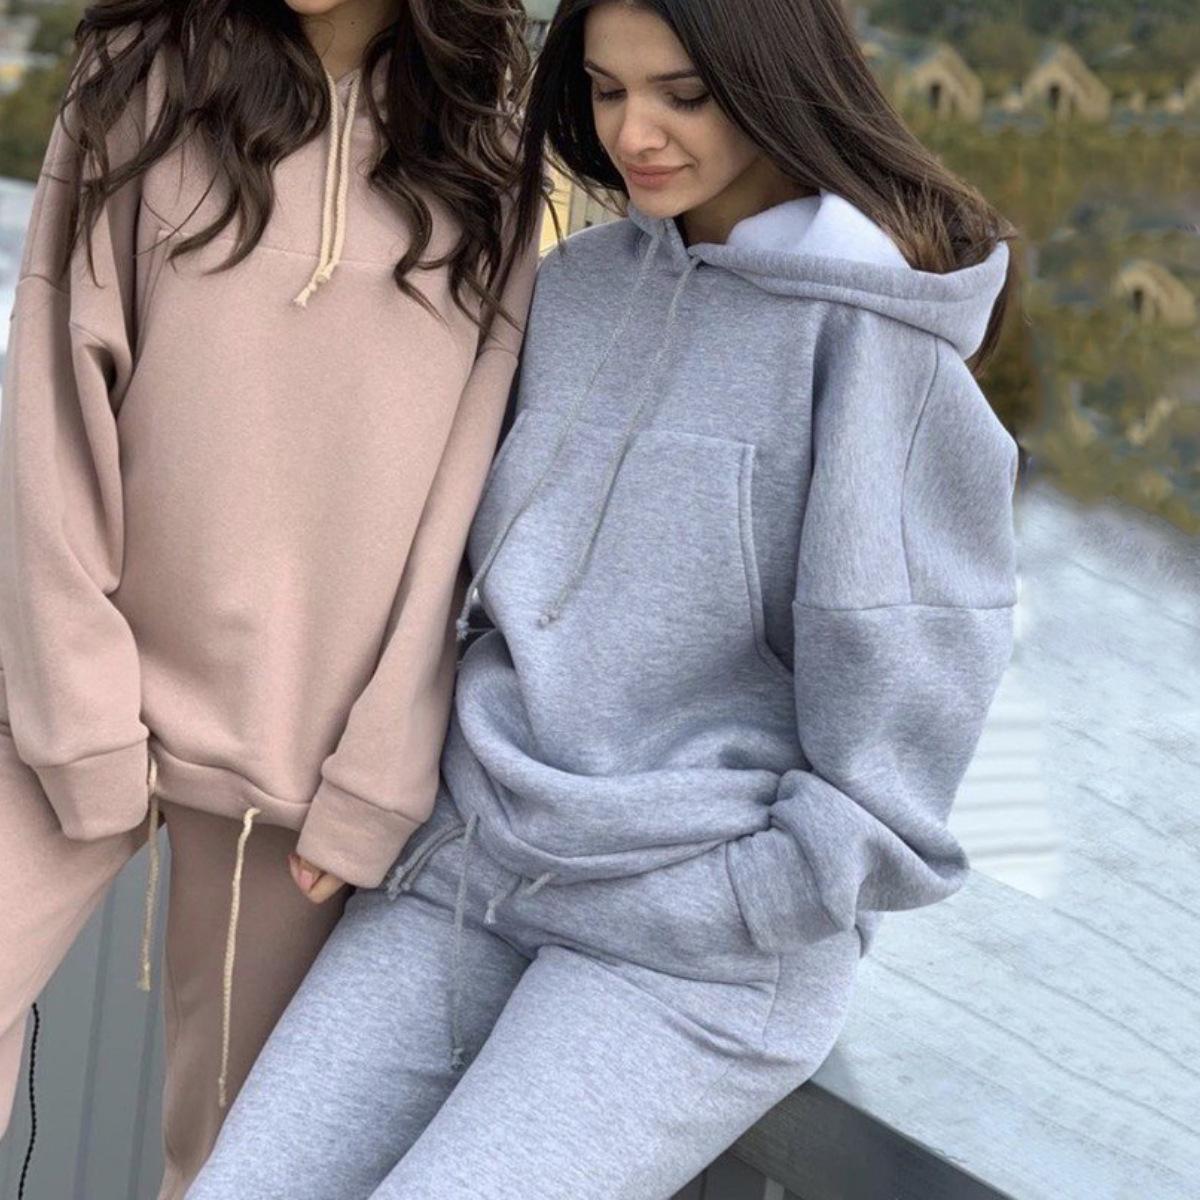 Zweiteiler Sport Suit Female Sweatshirt Maxi-Hoodie Outfits Pullover beiläufige Frauen-Trainingsanzug Winterkleidung Moda 201009